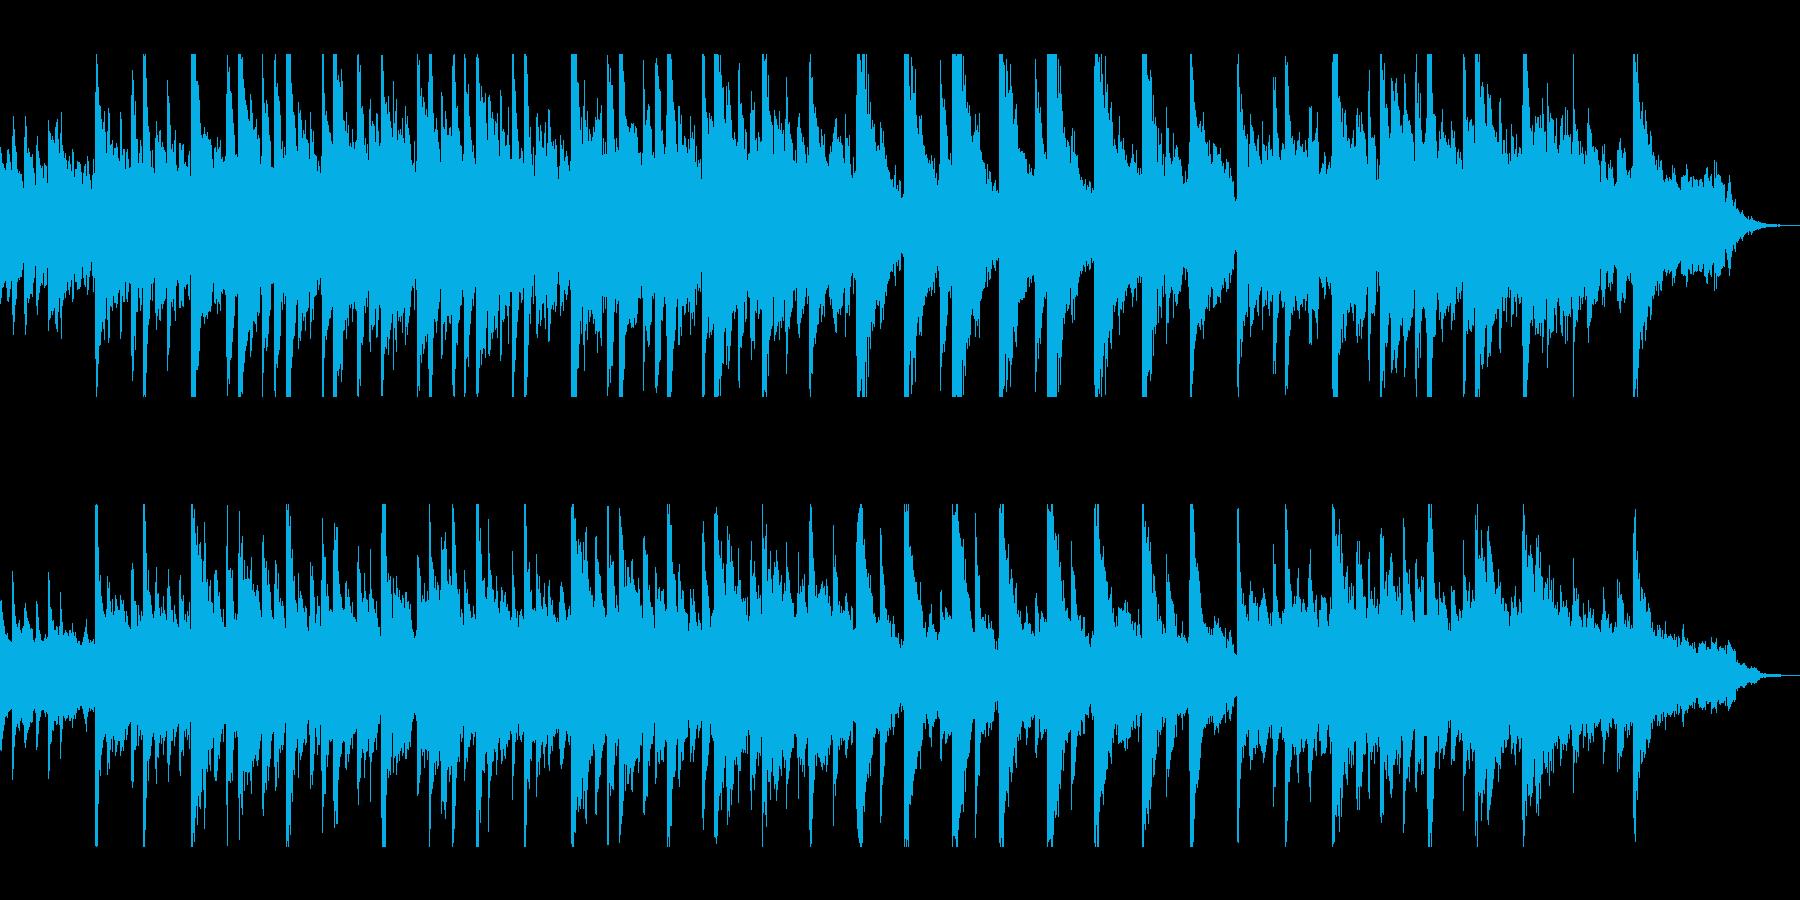 寂しく切ない雰囲気のピアノ調の再生済みの波形